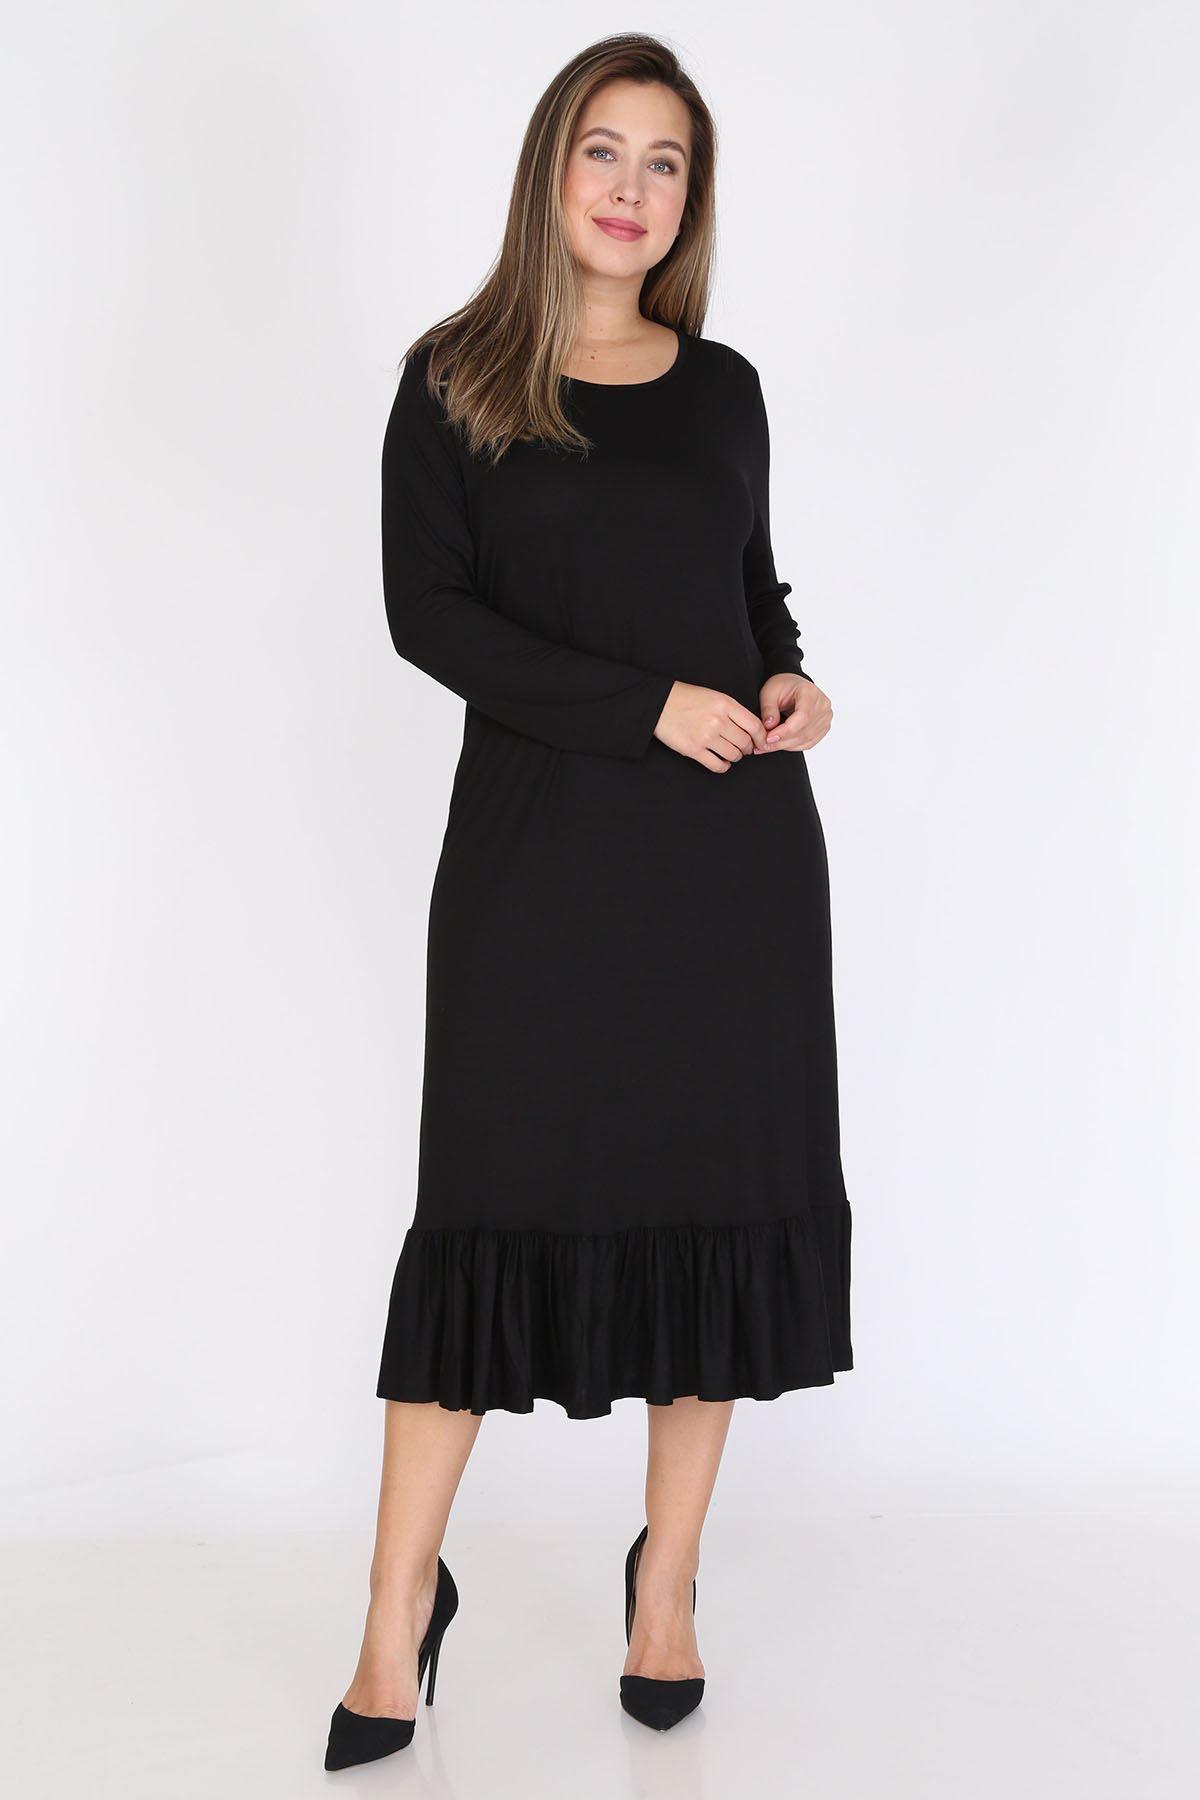 Siyah Uzun Kollu Büyük Beden Elbise 12D-0788